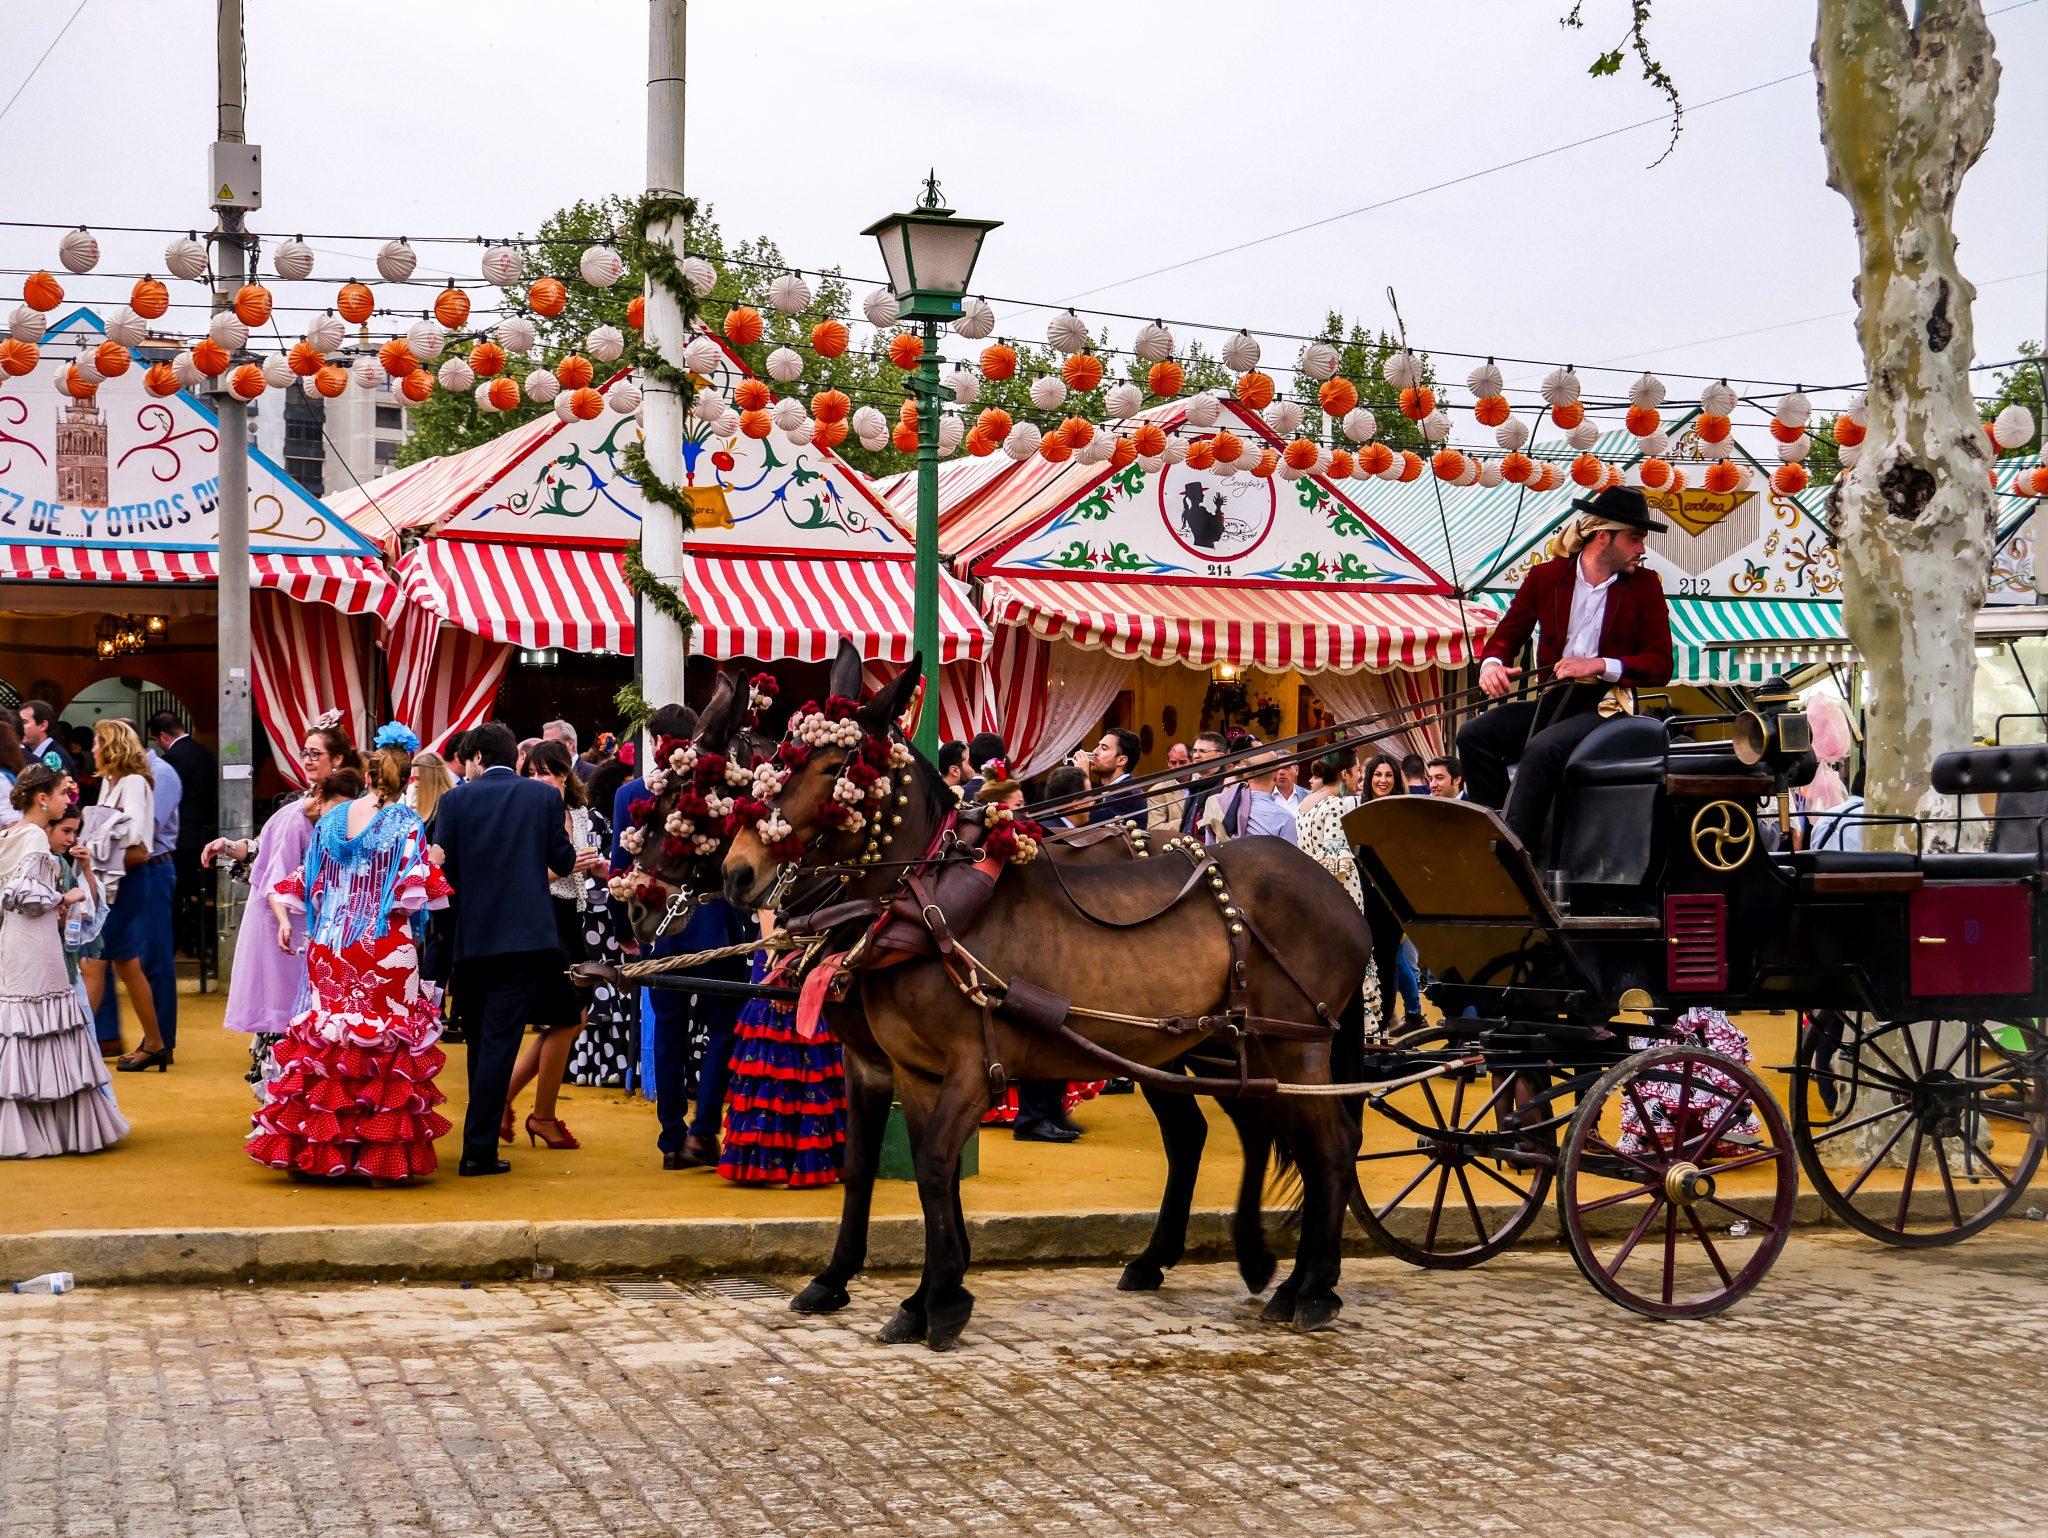 Casetas sind ungefähr so wie ein riesiges Bierzelt auf dem Oktoberfest, jedoch in Tausend kleine Zelte verteilt, die aussehen wie kleine süße Häuschen.